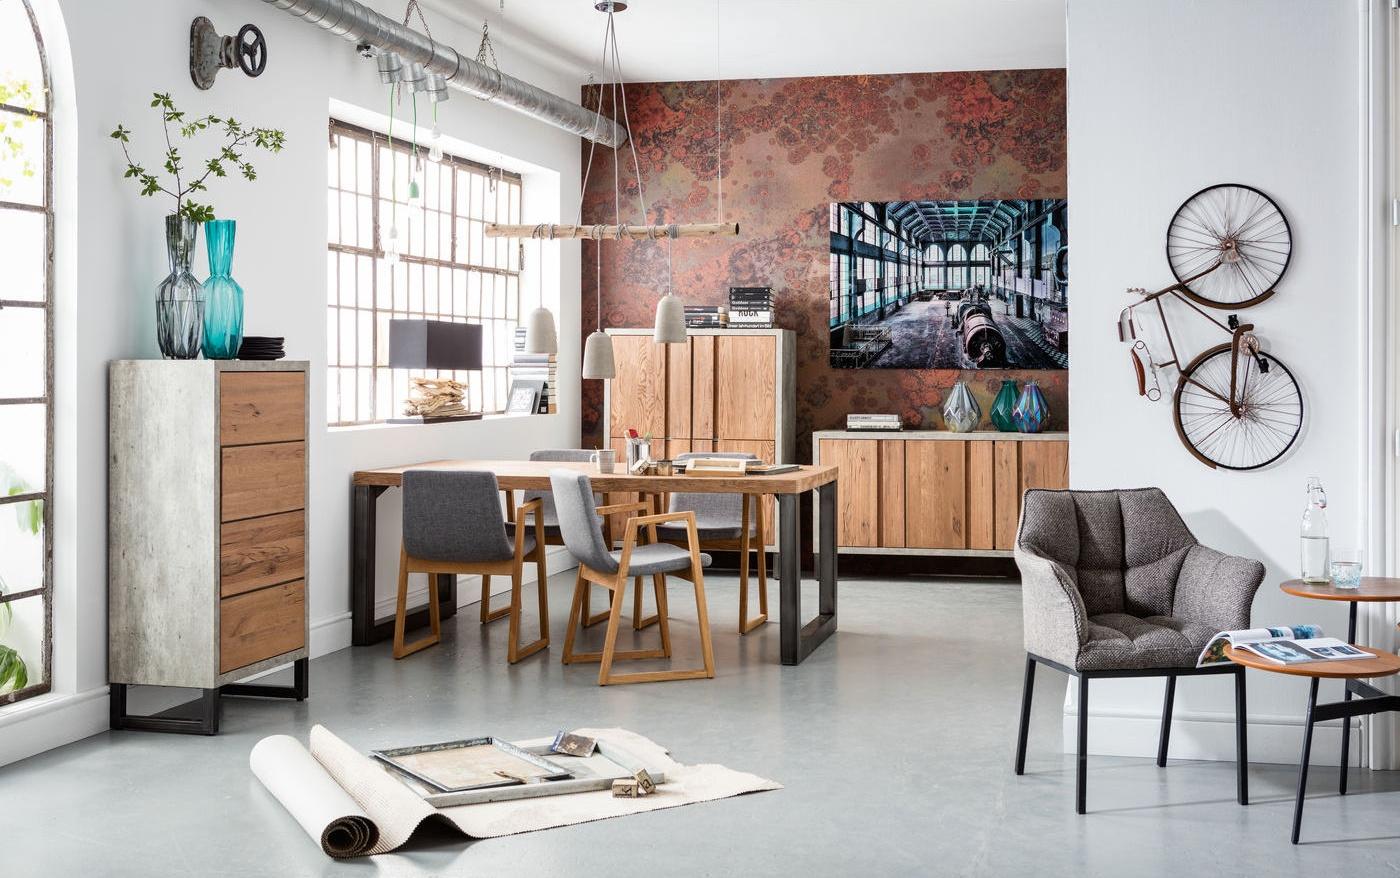 Kare Design Eettafel Seattle - L200 X B100 X H77 Cm - Metaal - Eiken Tafelblad